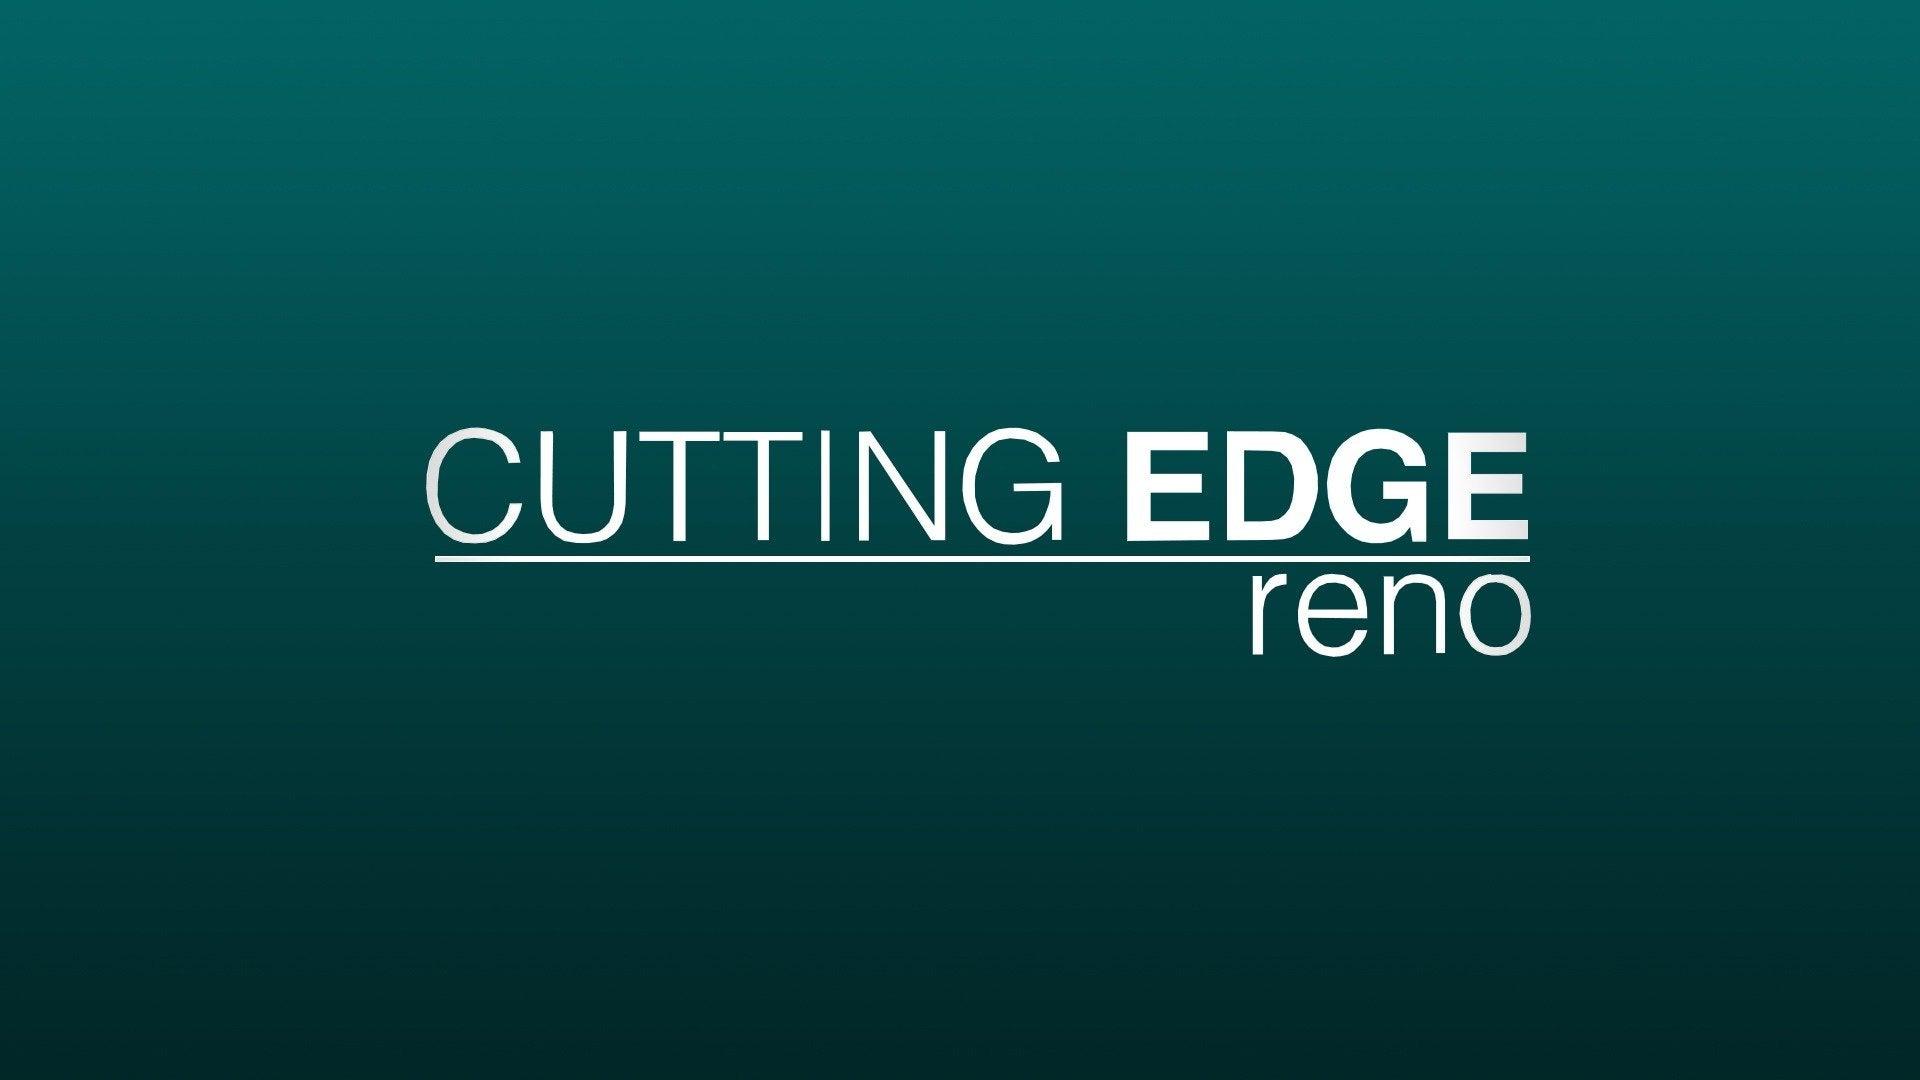 Cutting Edge Reno